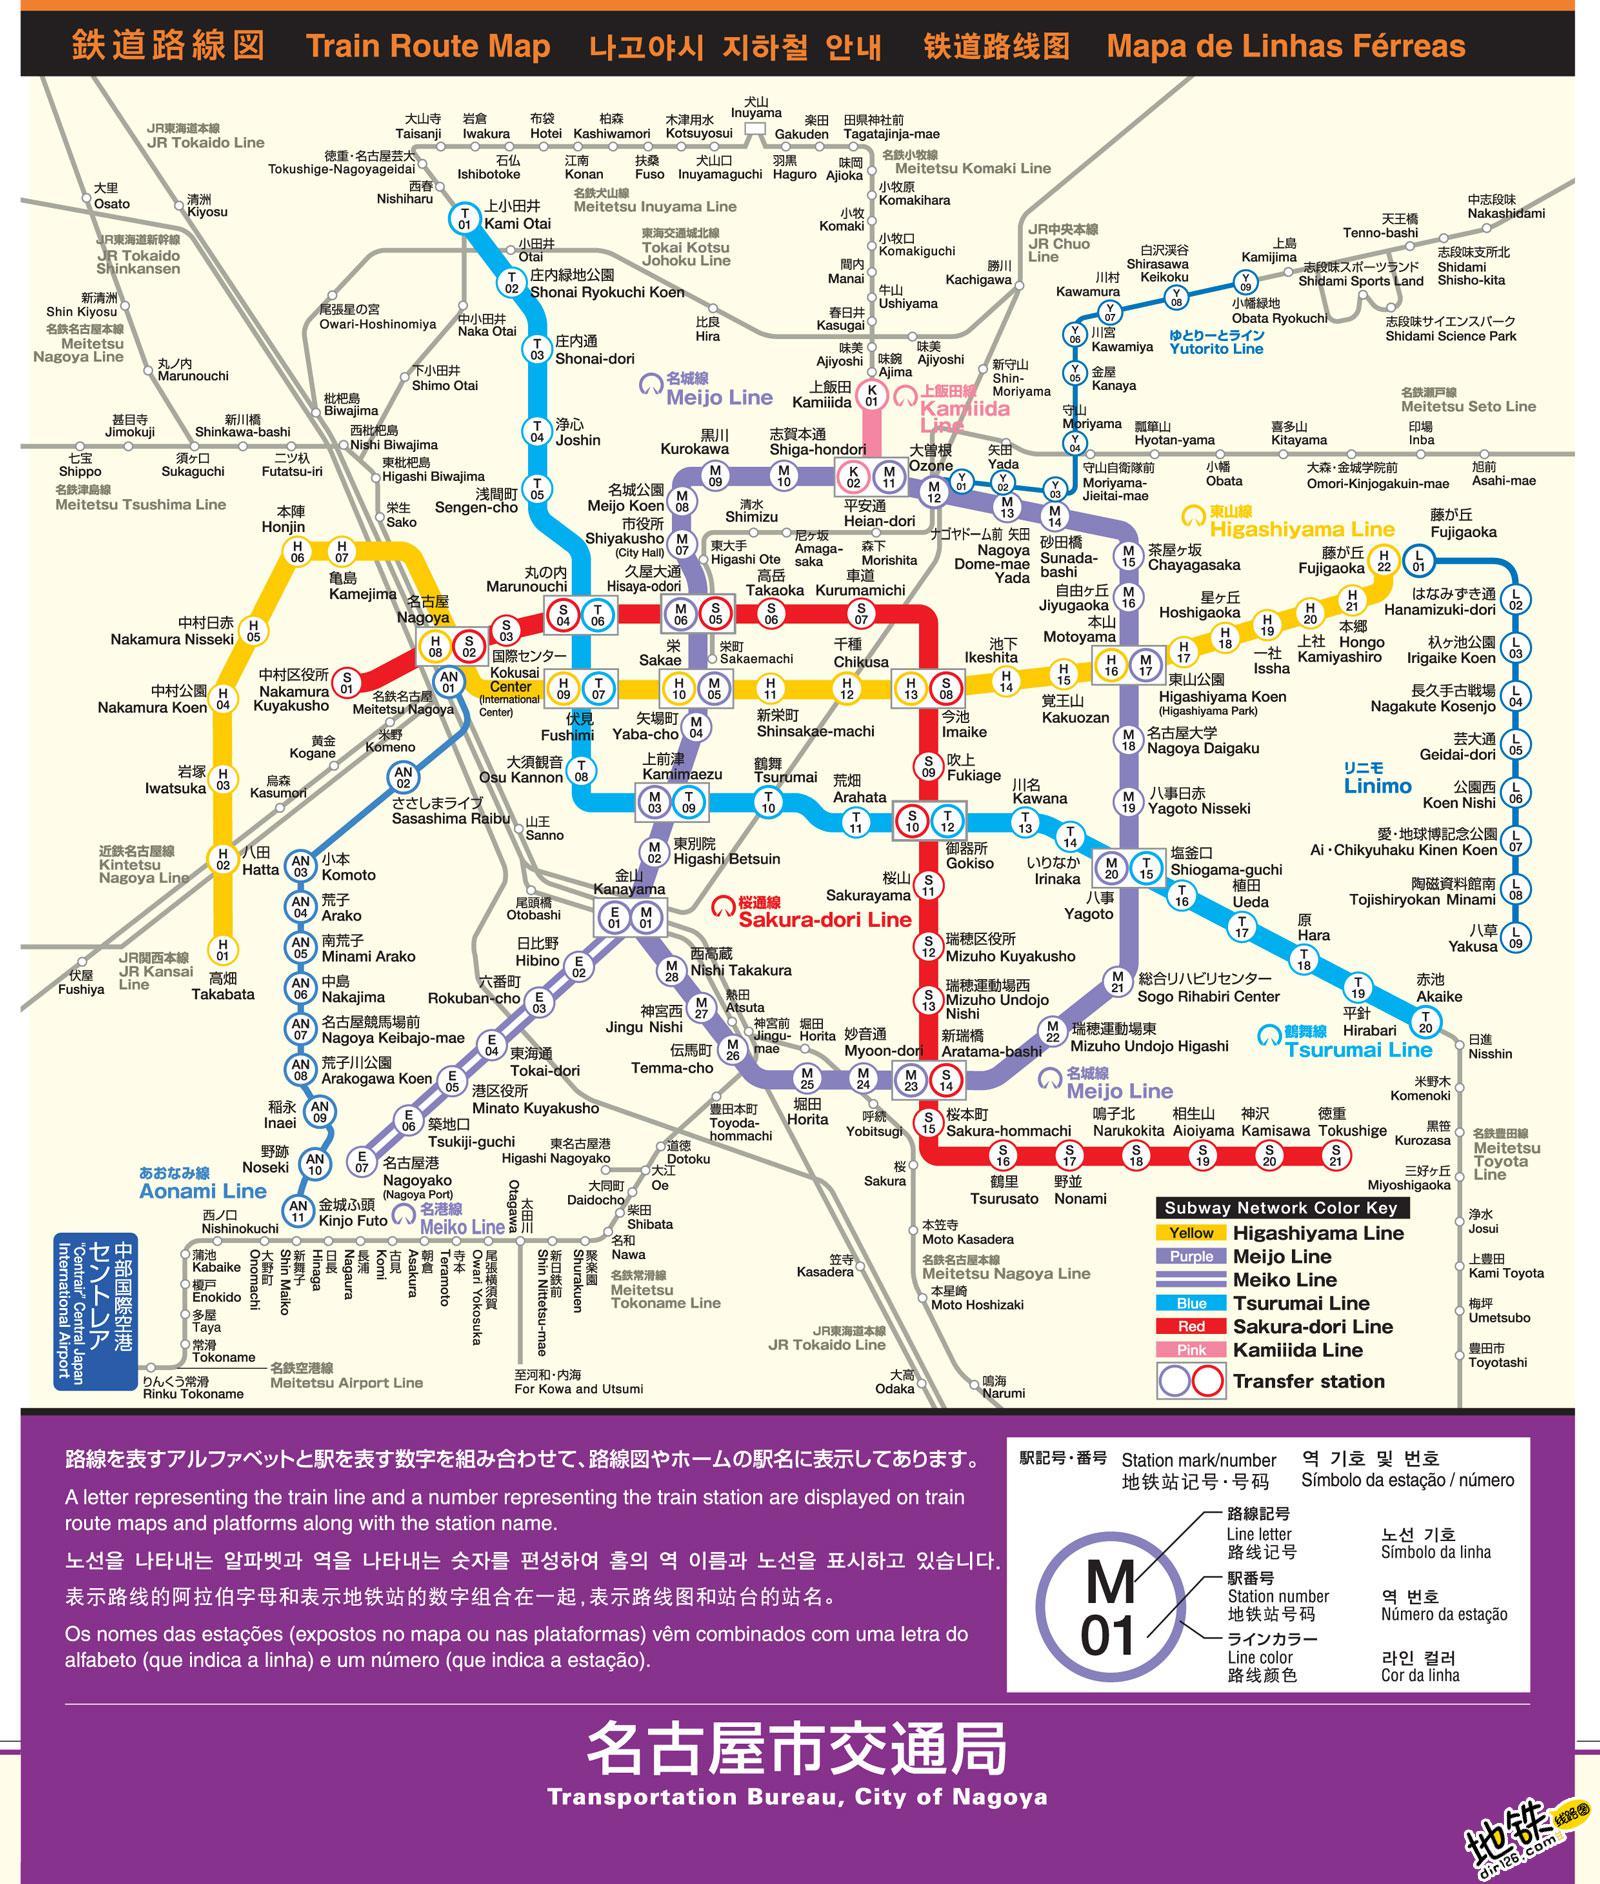 日本名古屋市营地铁线路图_运营时间票价站点_查询下载 日本地铁线路图 第3张